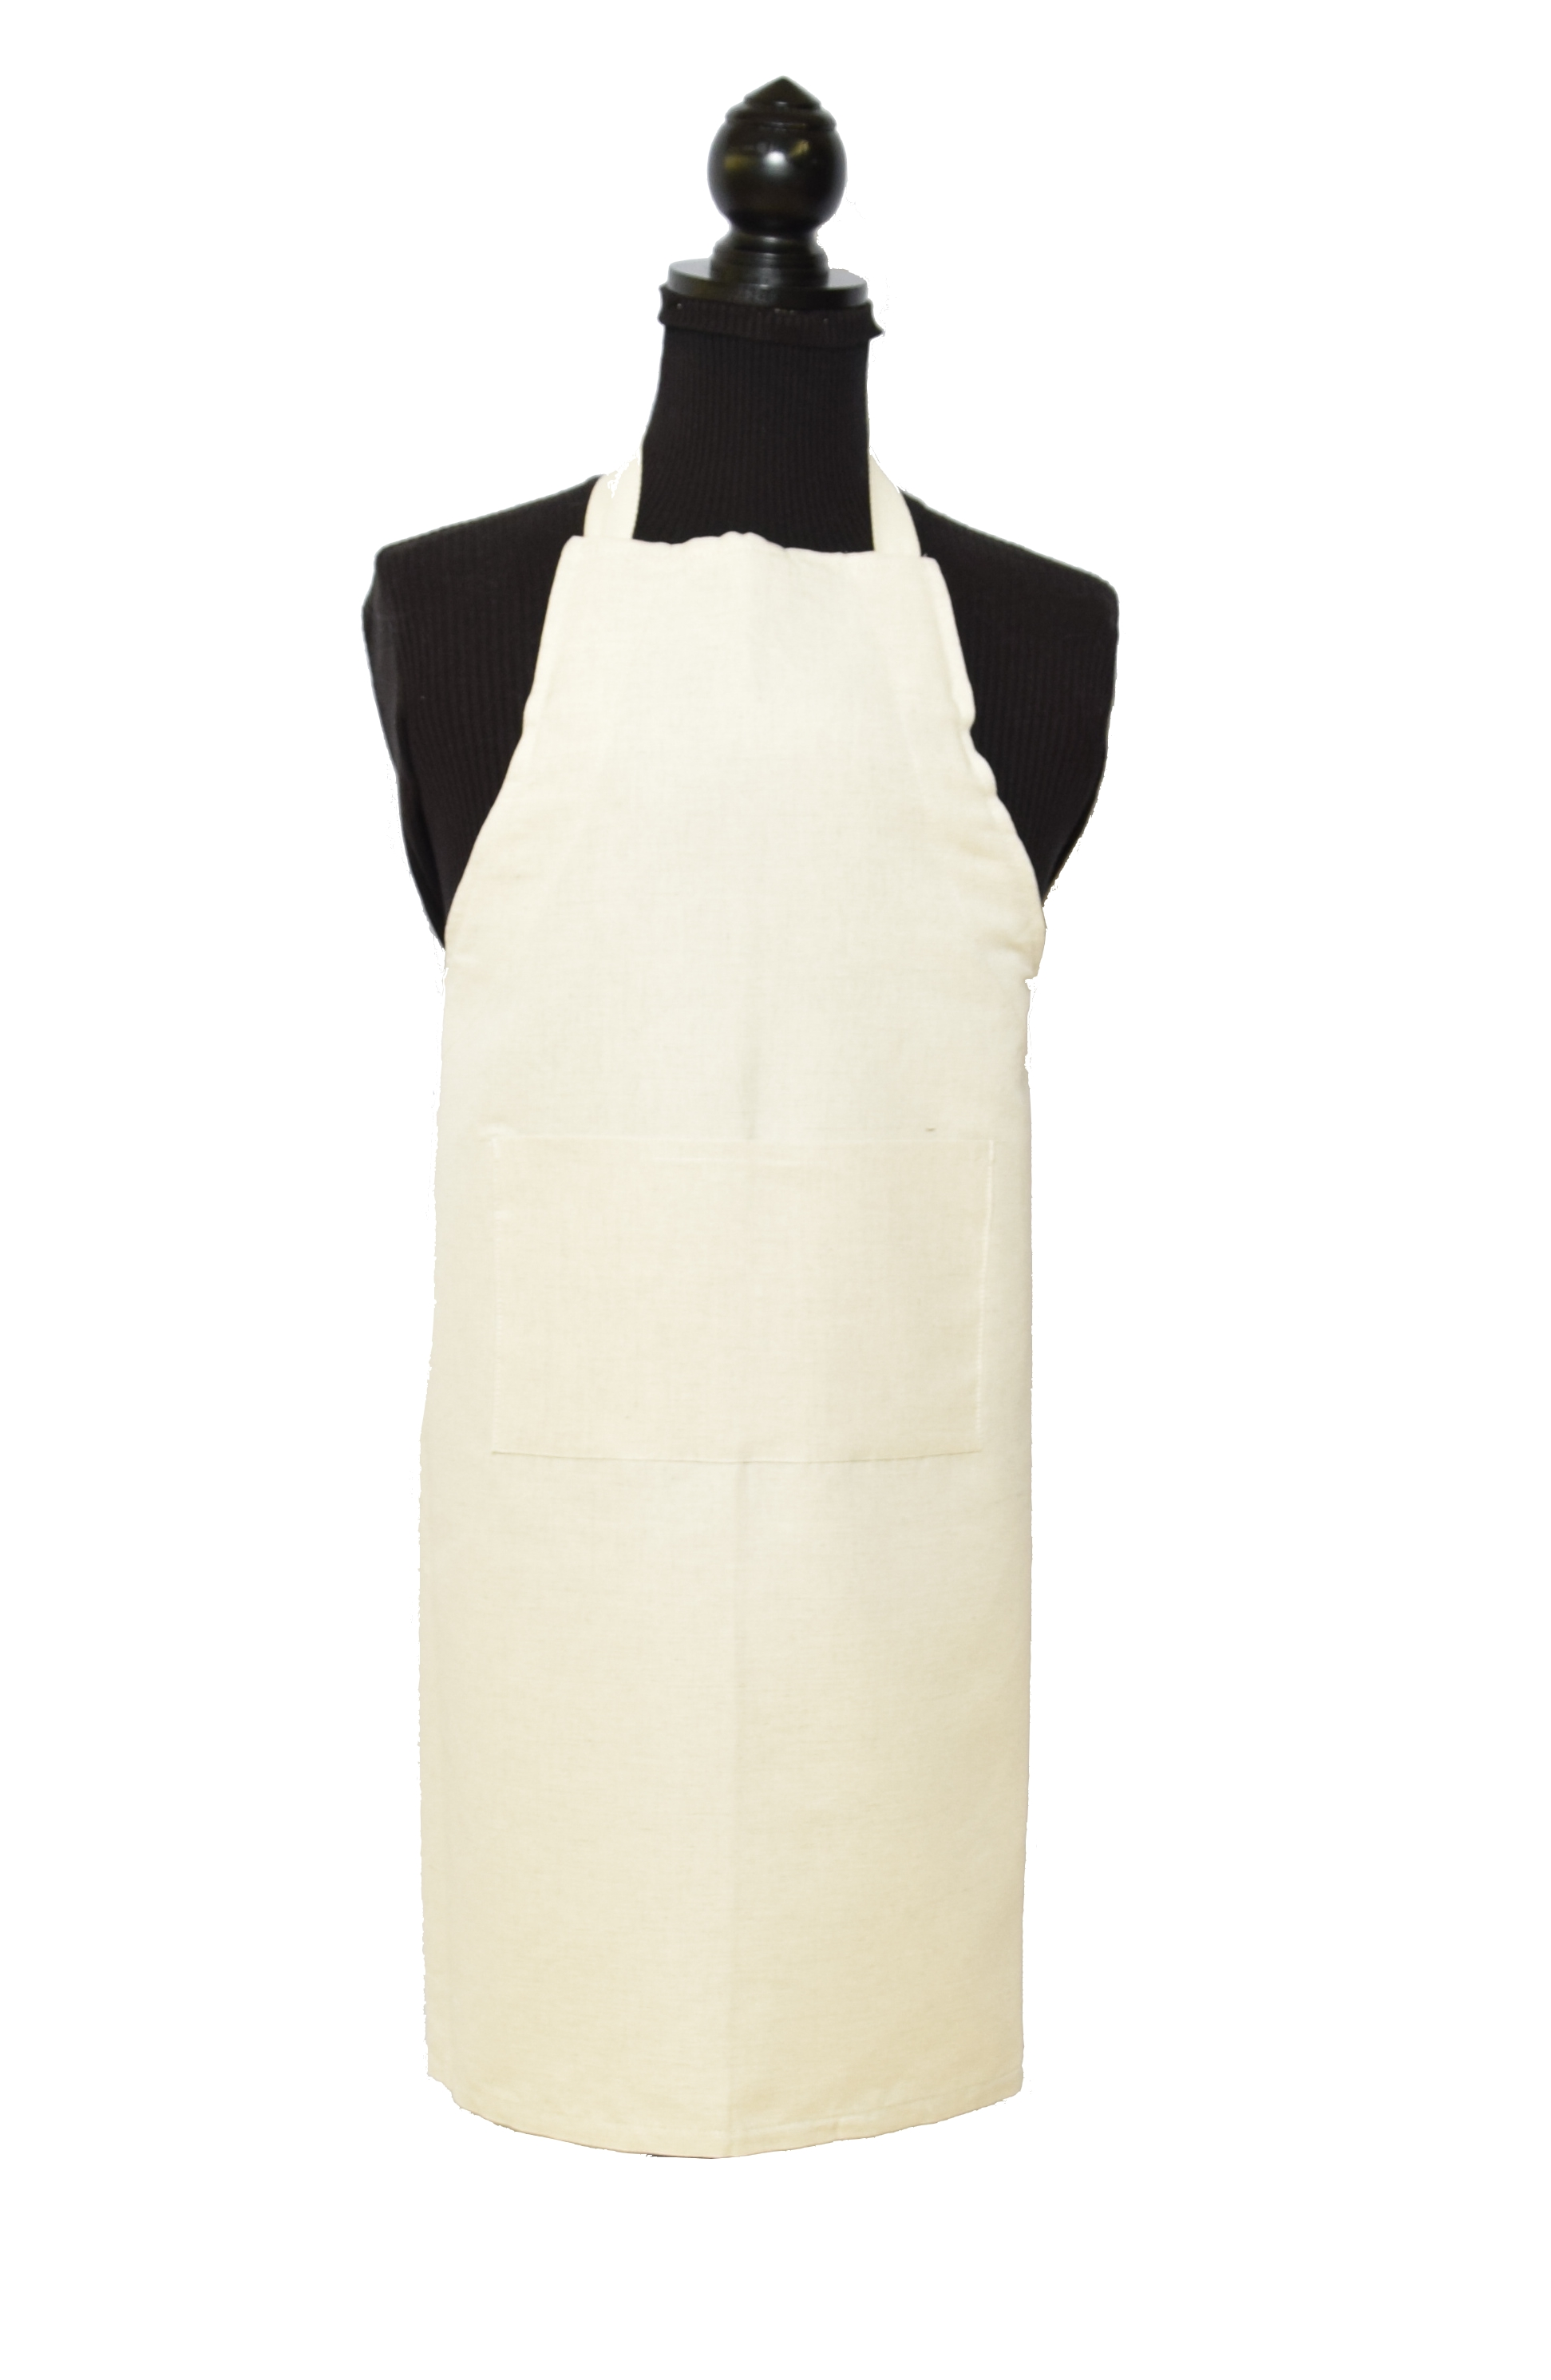 Tablier uni blanc 100 coton made in france for Tablier de cuisine uni